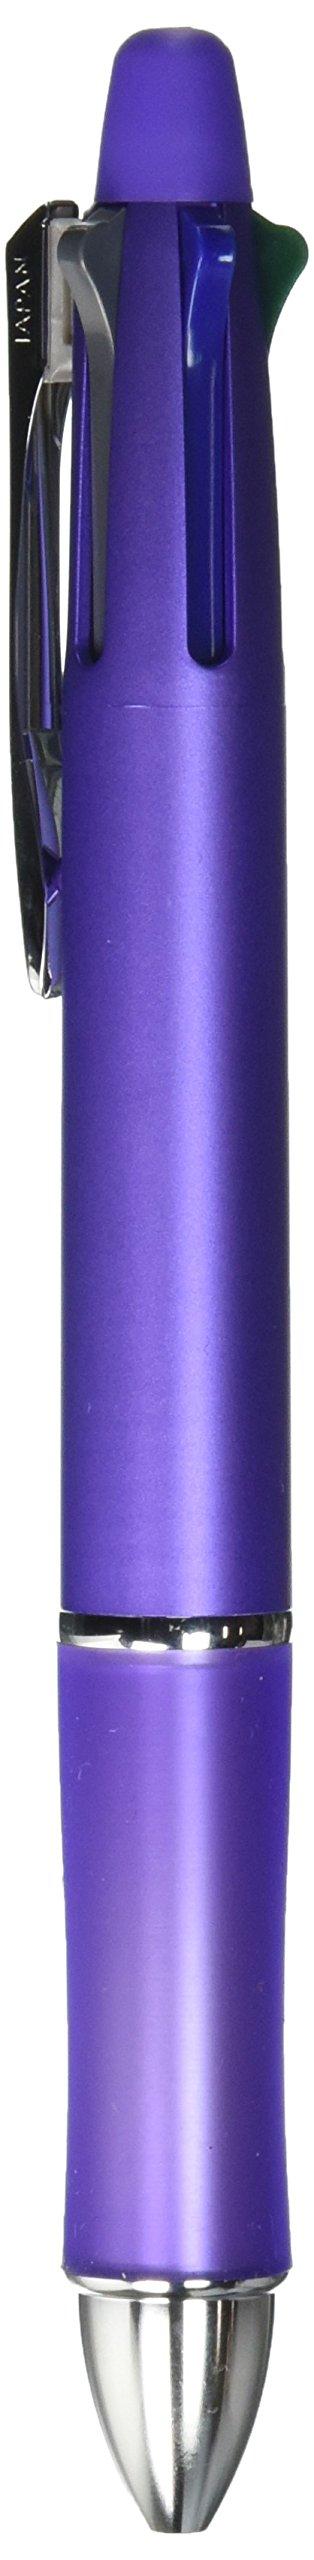 Pilot Multi Function Pen Dr. Grip, 0.5mm Acro Ink Ballpoint Pen, 0.5mm Mechanical Pencil, Lavender (BKHDF1SEF-LA) by Pilot (Image #2)